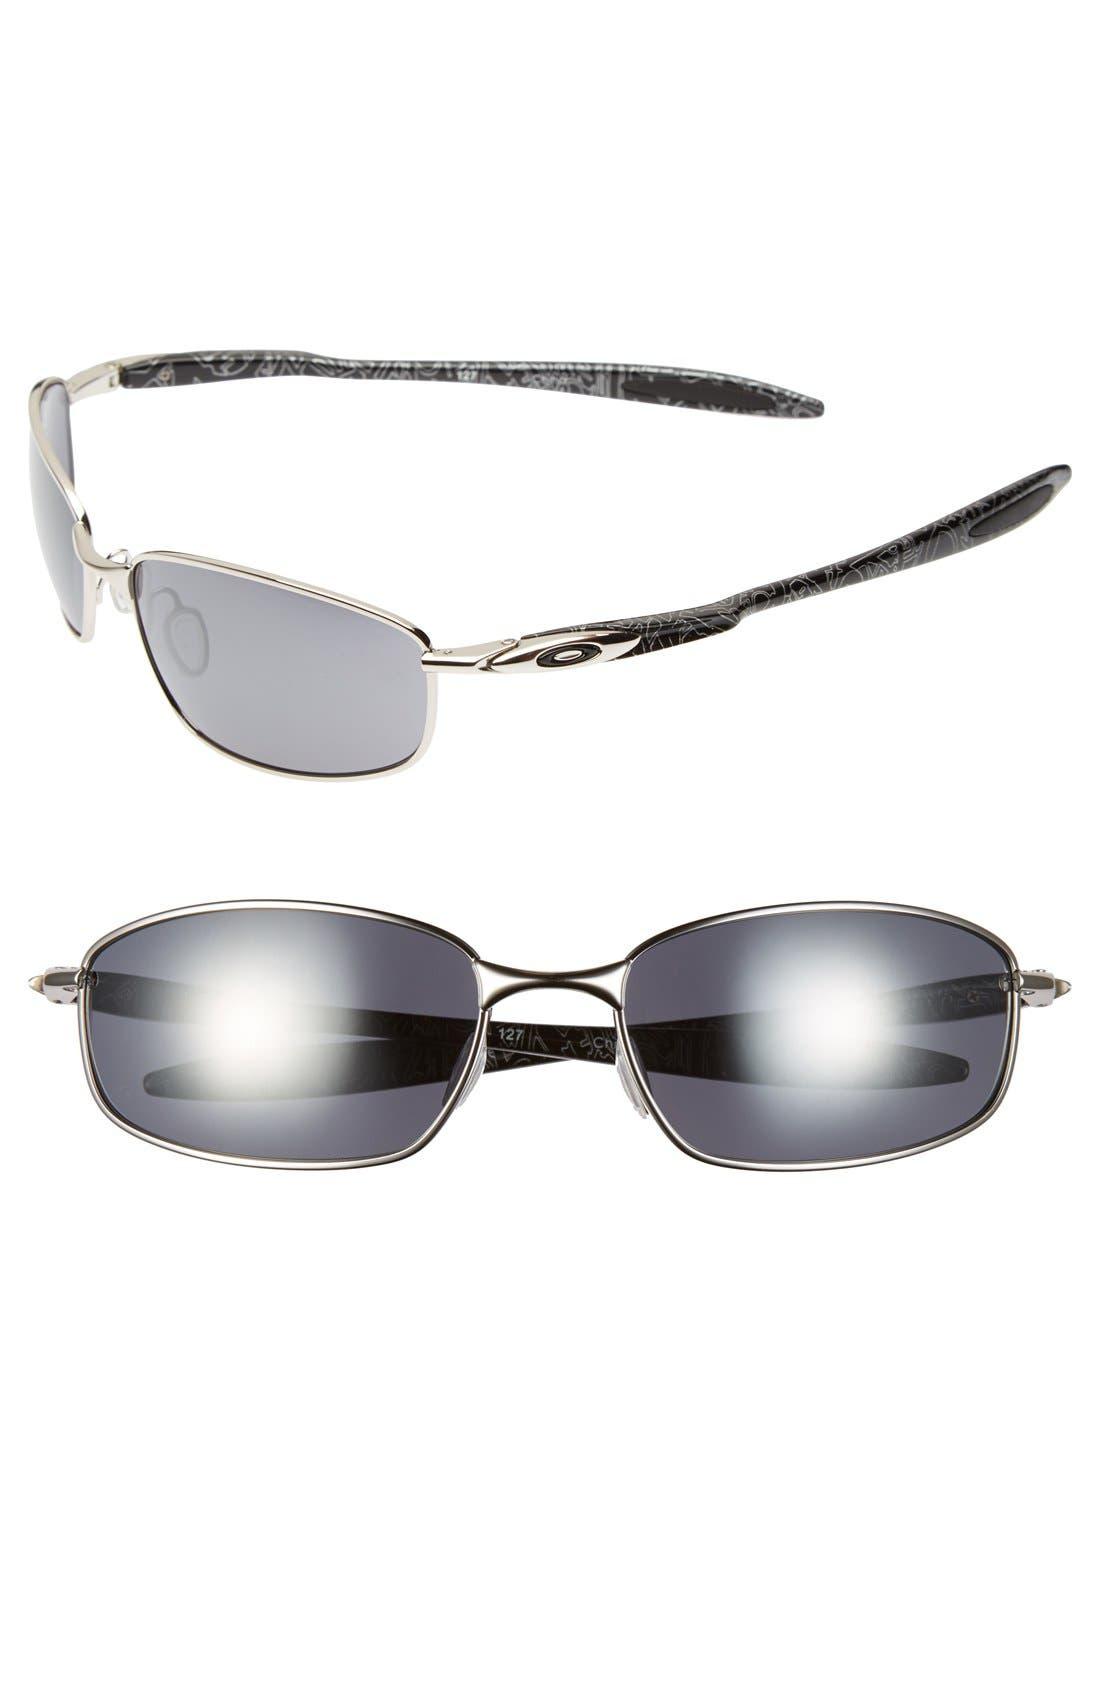 Alternate Image 1 Selected - Oakley 'Blender' Sunglasses